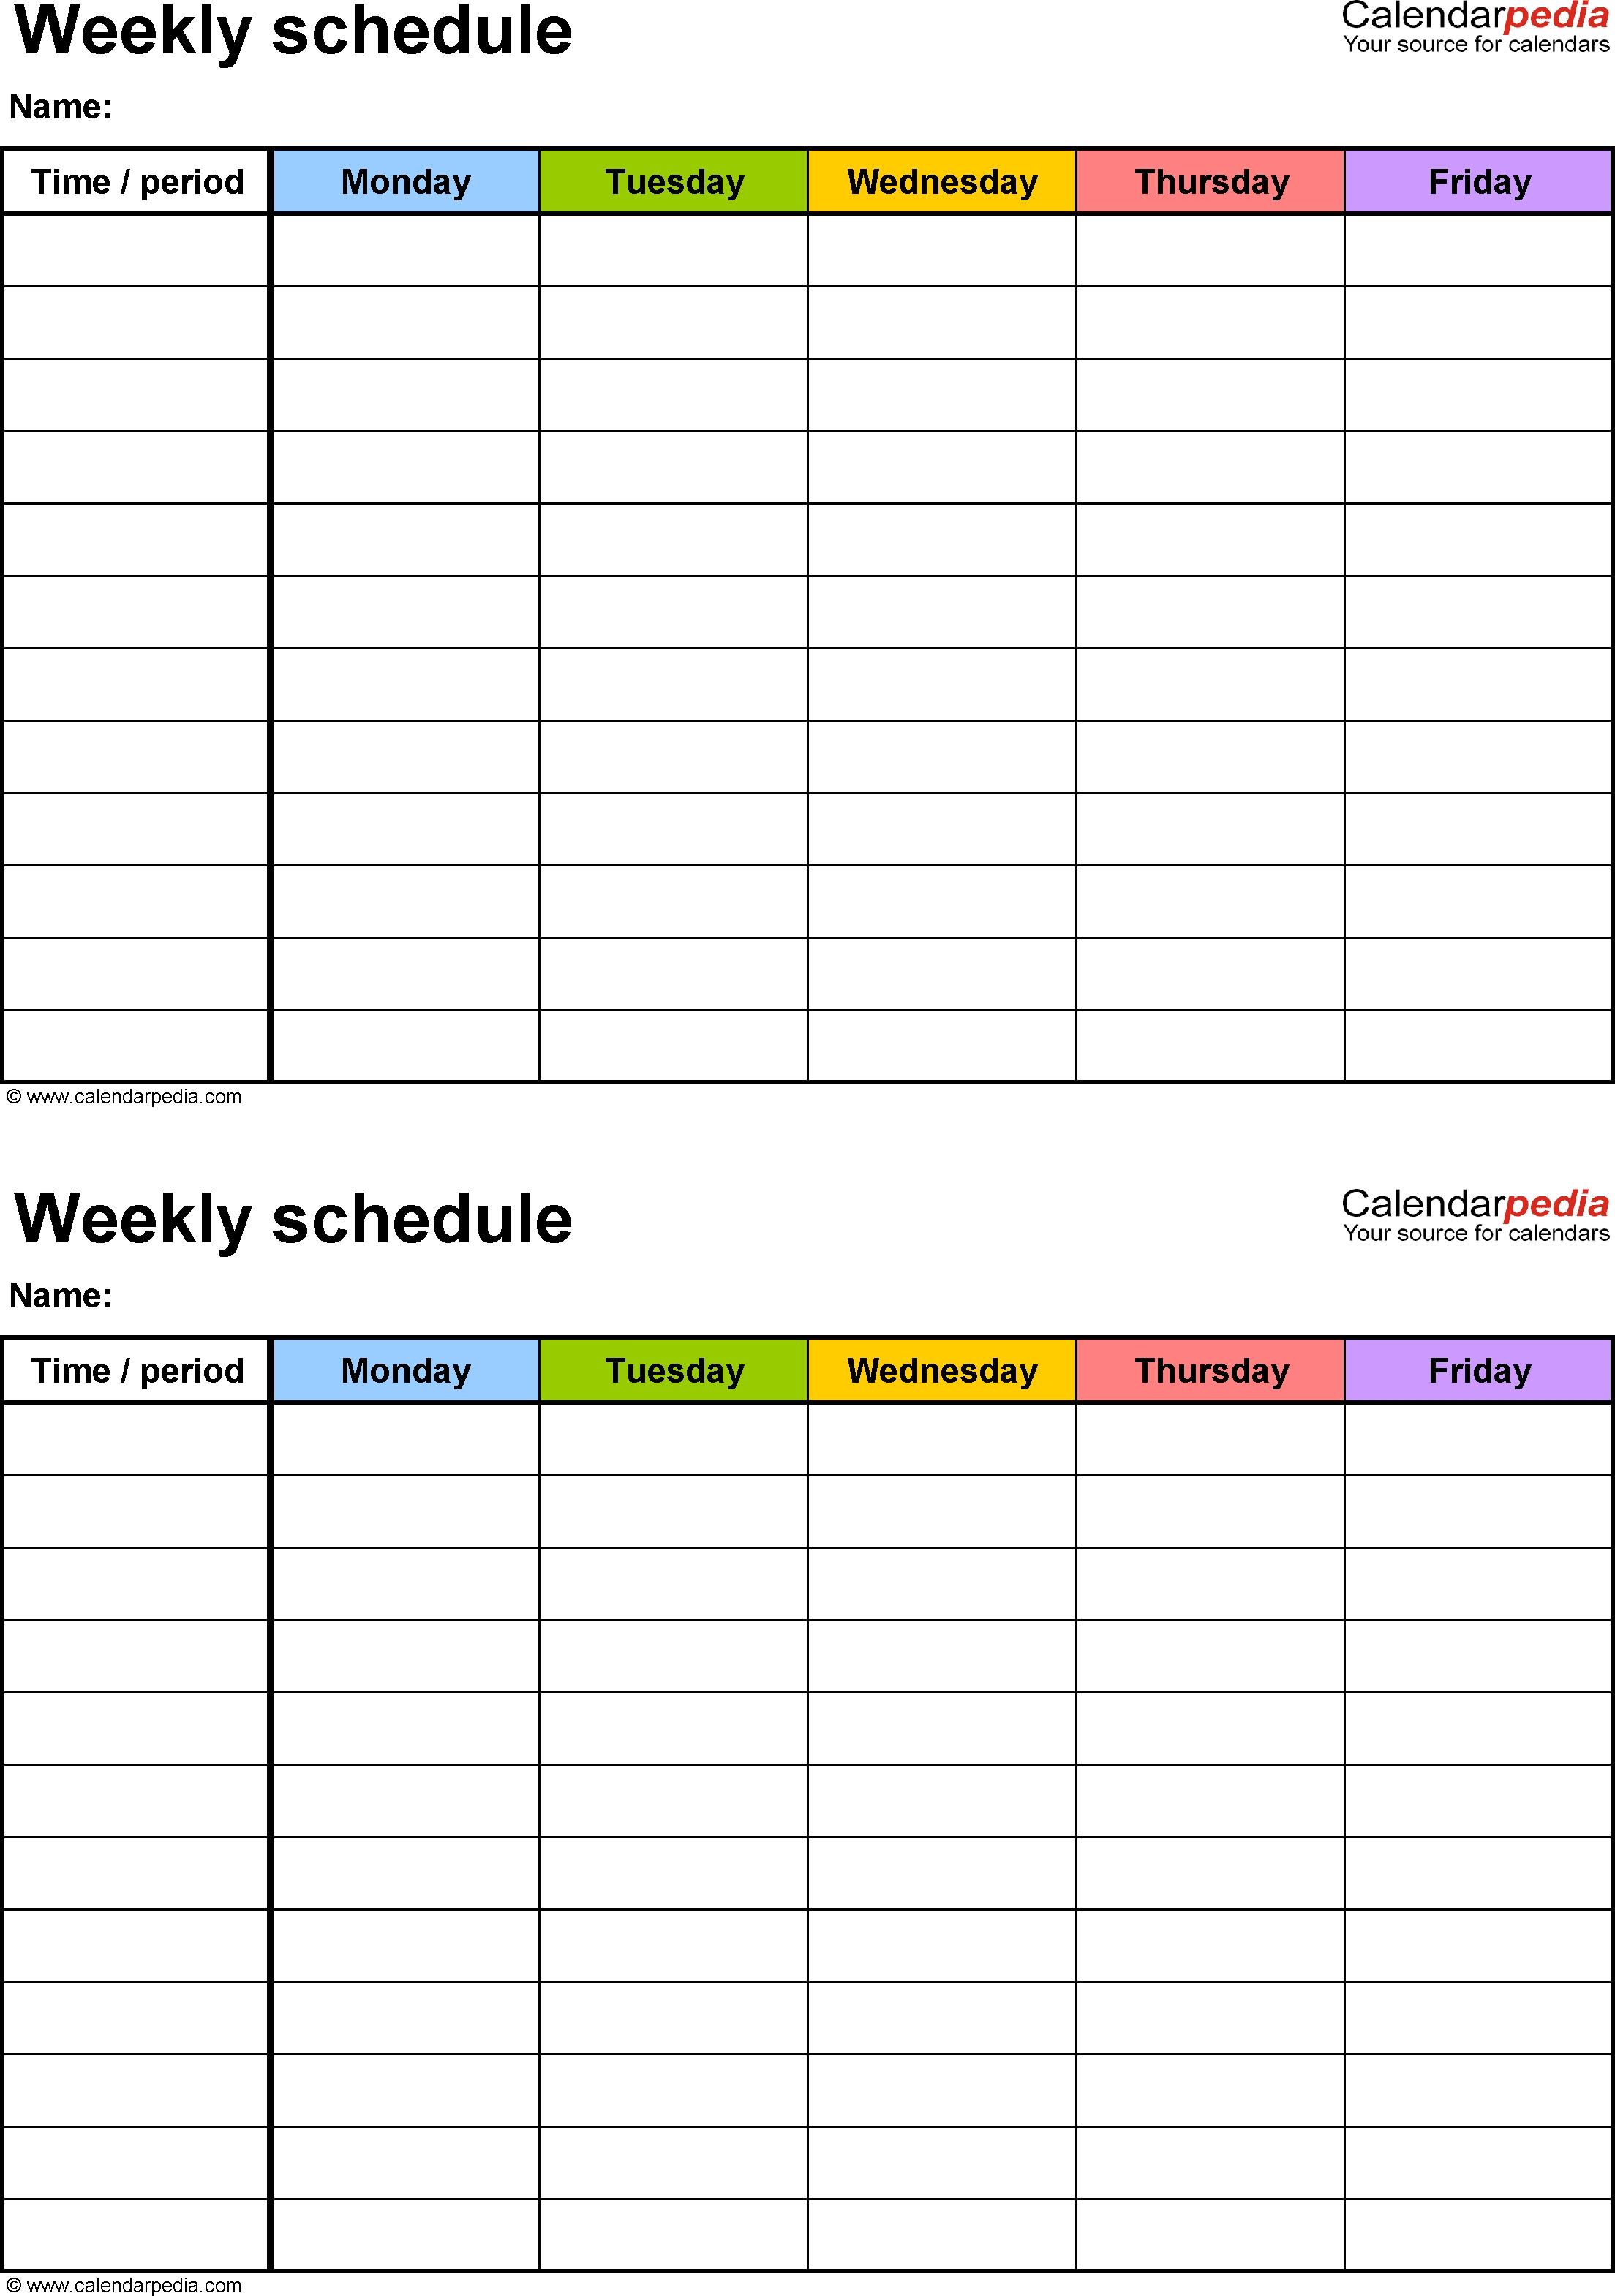 Free Printable 2 Week Calendar Template | Free Calendar 2 Week Blank Calendar Printable